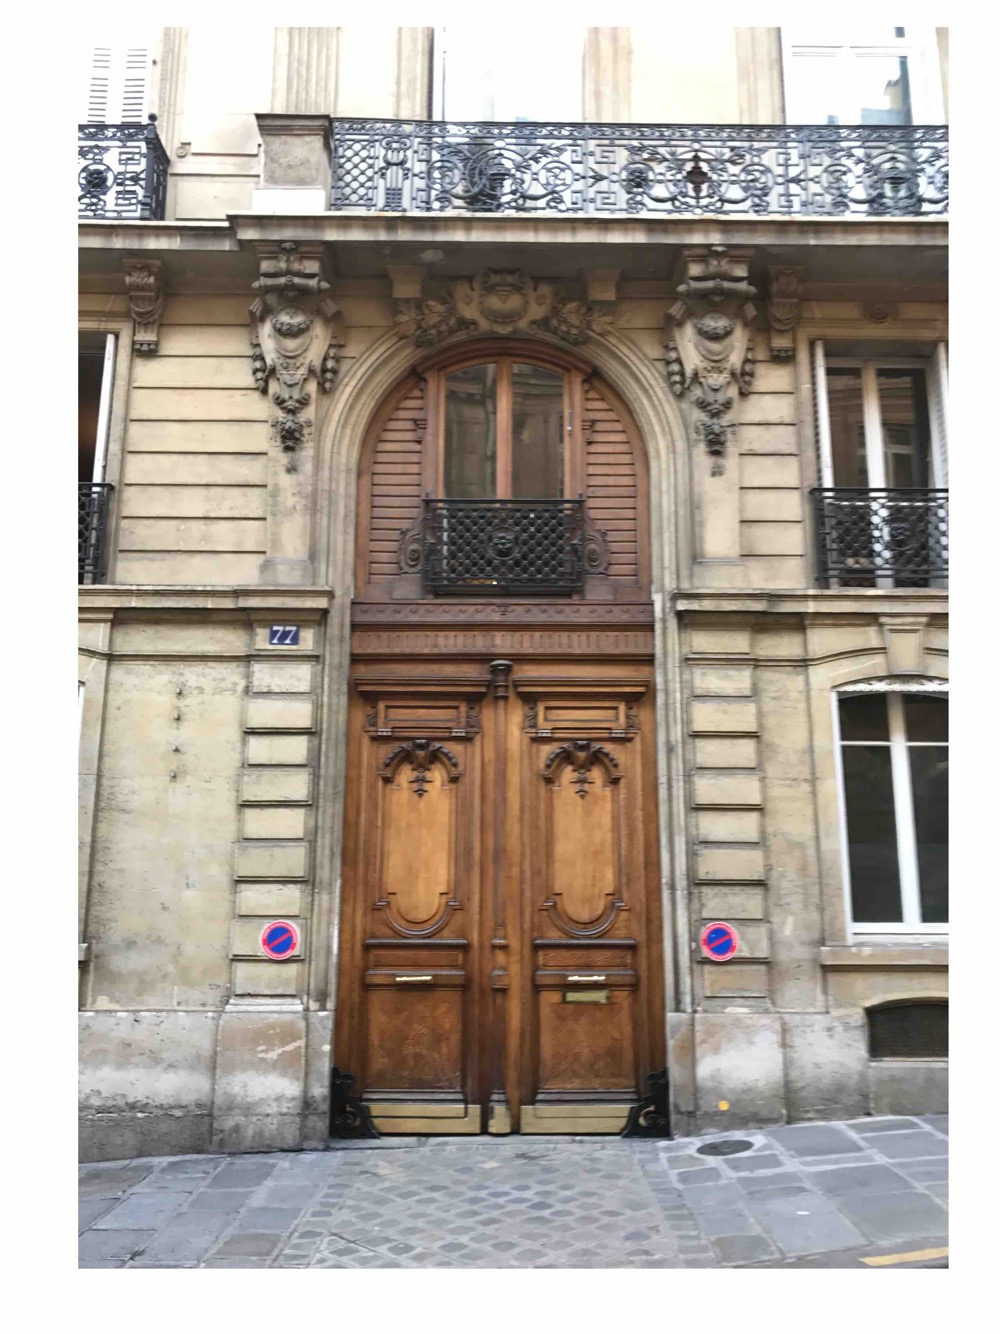 Porte Cochères Avec Baie D\'entresol Magnifiquement Lasurée - Paris 17